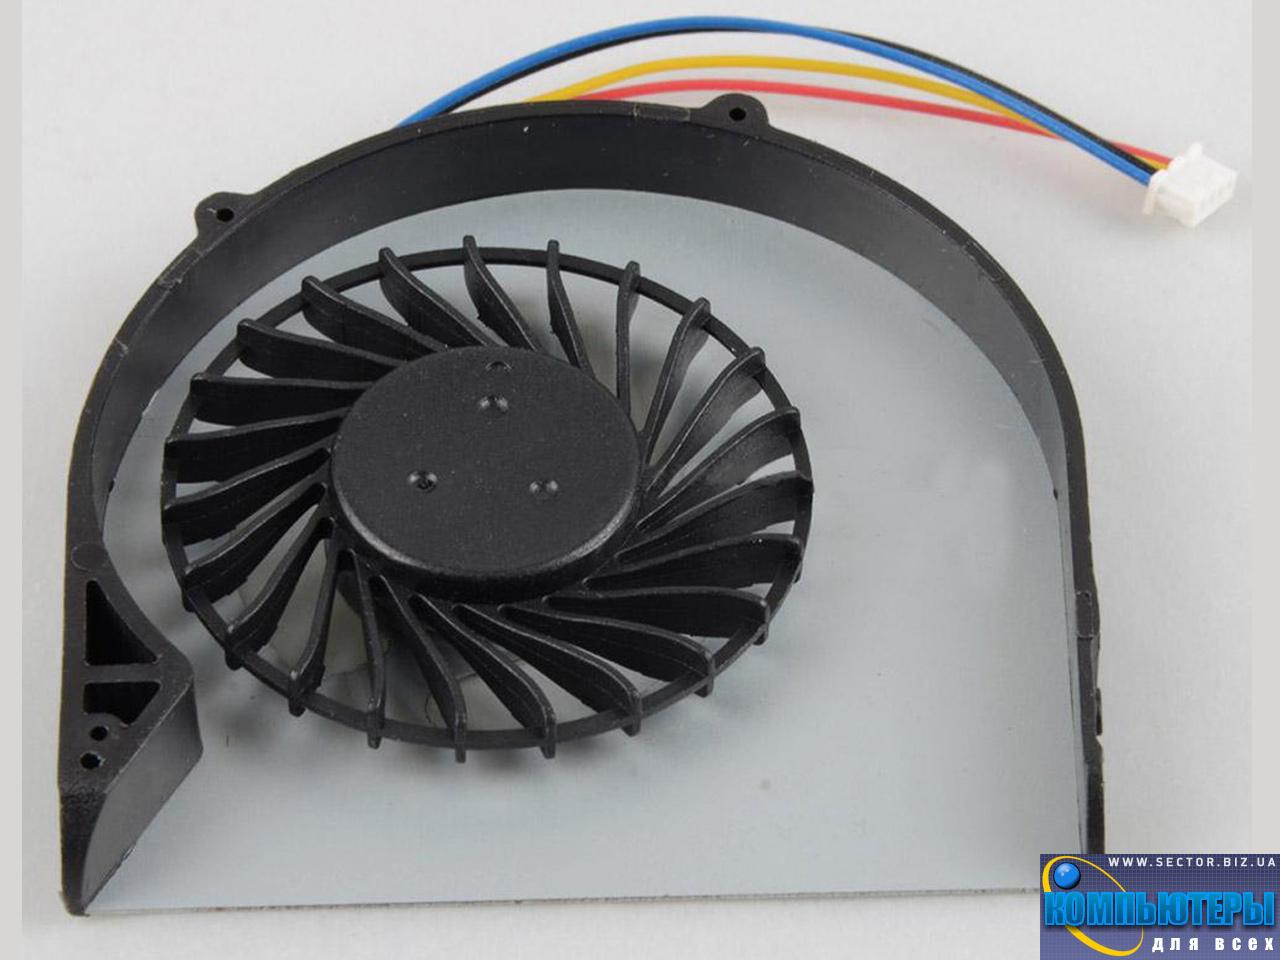 Кулер к ноутбуку Lenovo B480 B480A B485 B490 B590 M490 M495 p/n: DFS531205HC0T. Фото № 4.